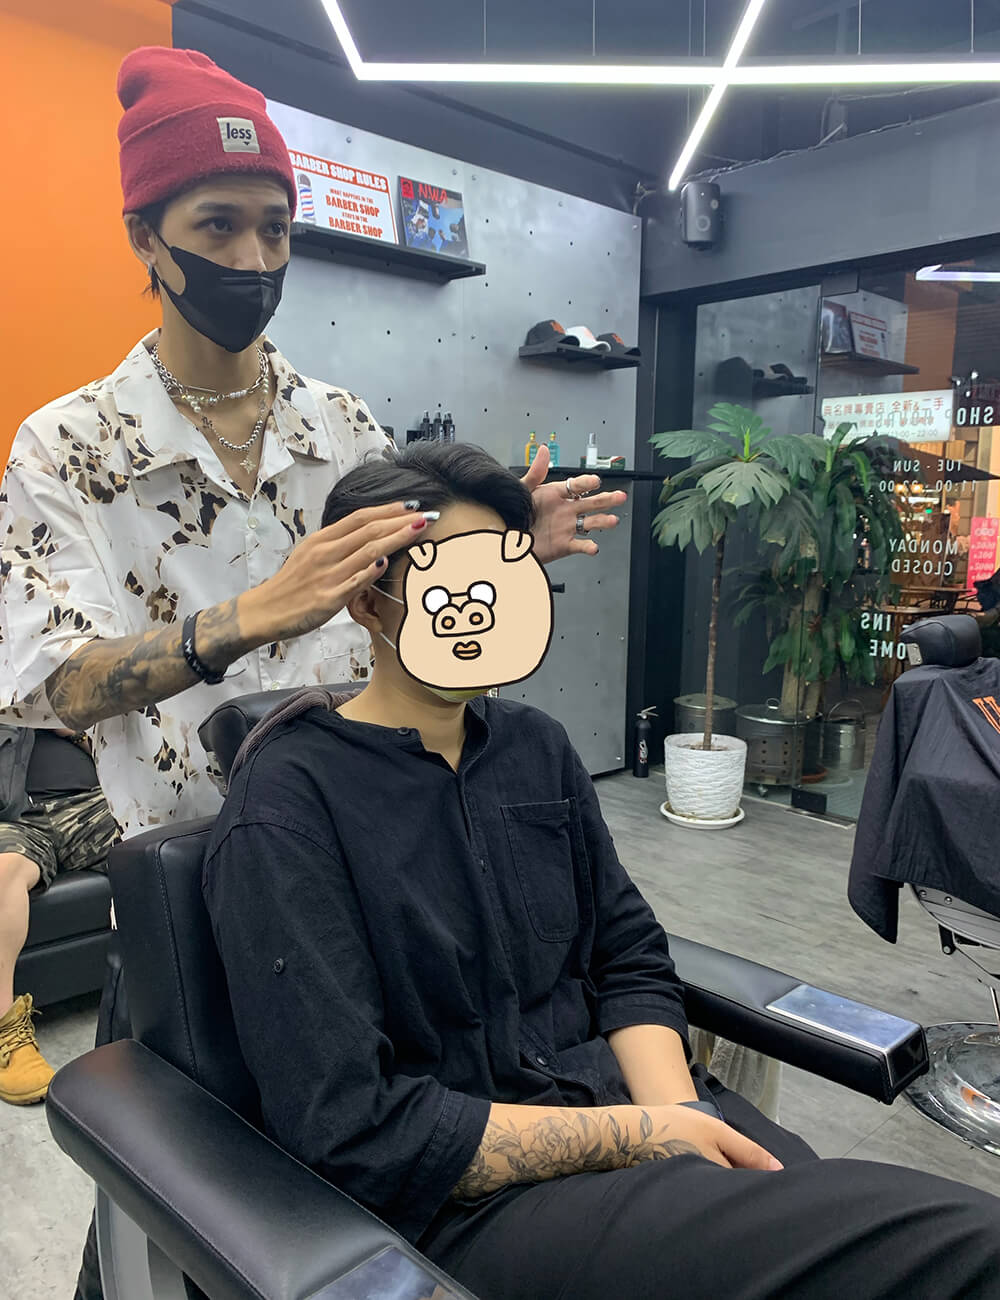 台中男士理髮推薦 超帥個性台中理髮,想要的髮型都給你剪出來